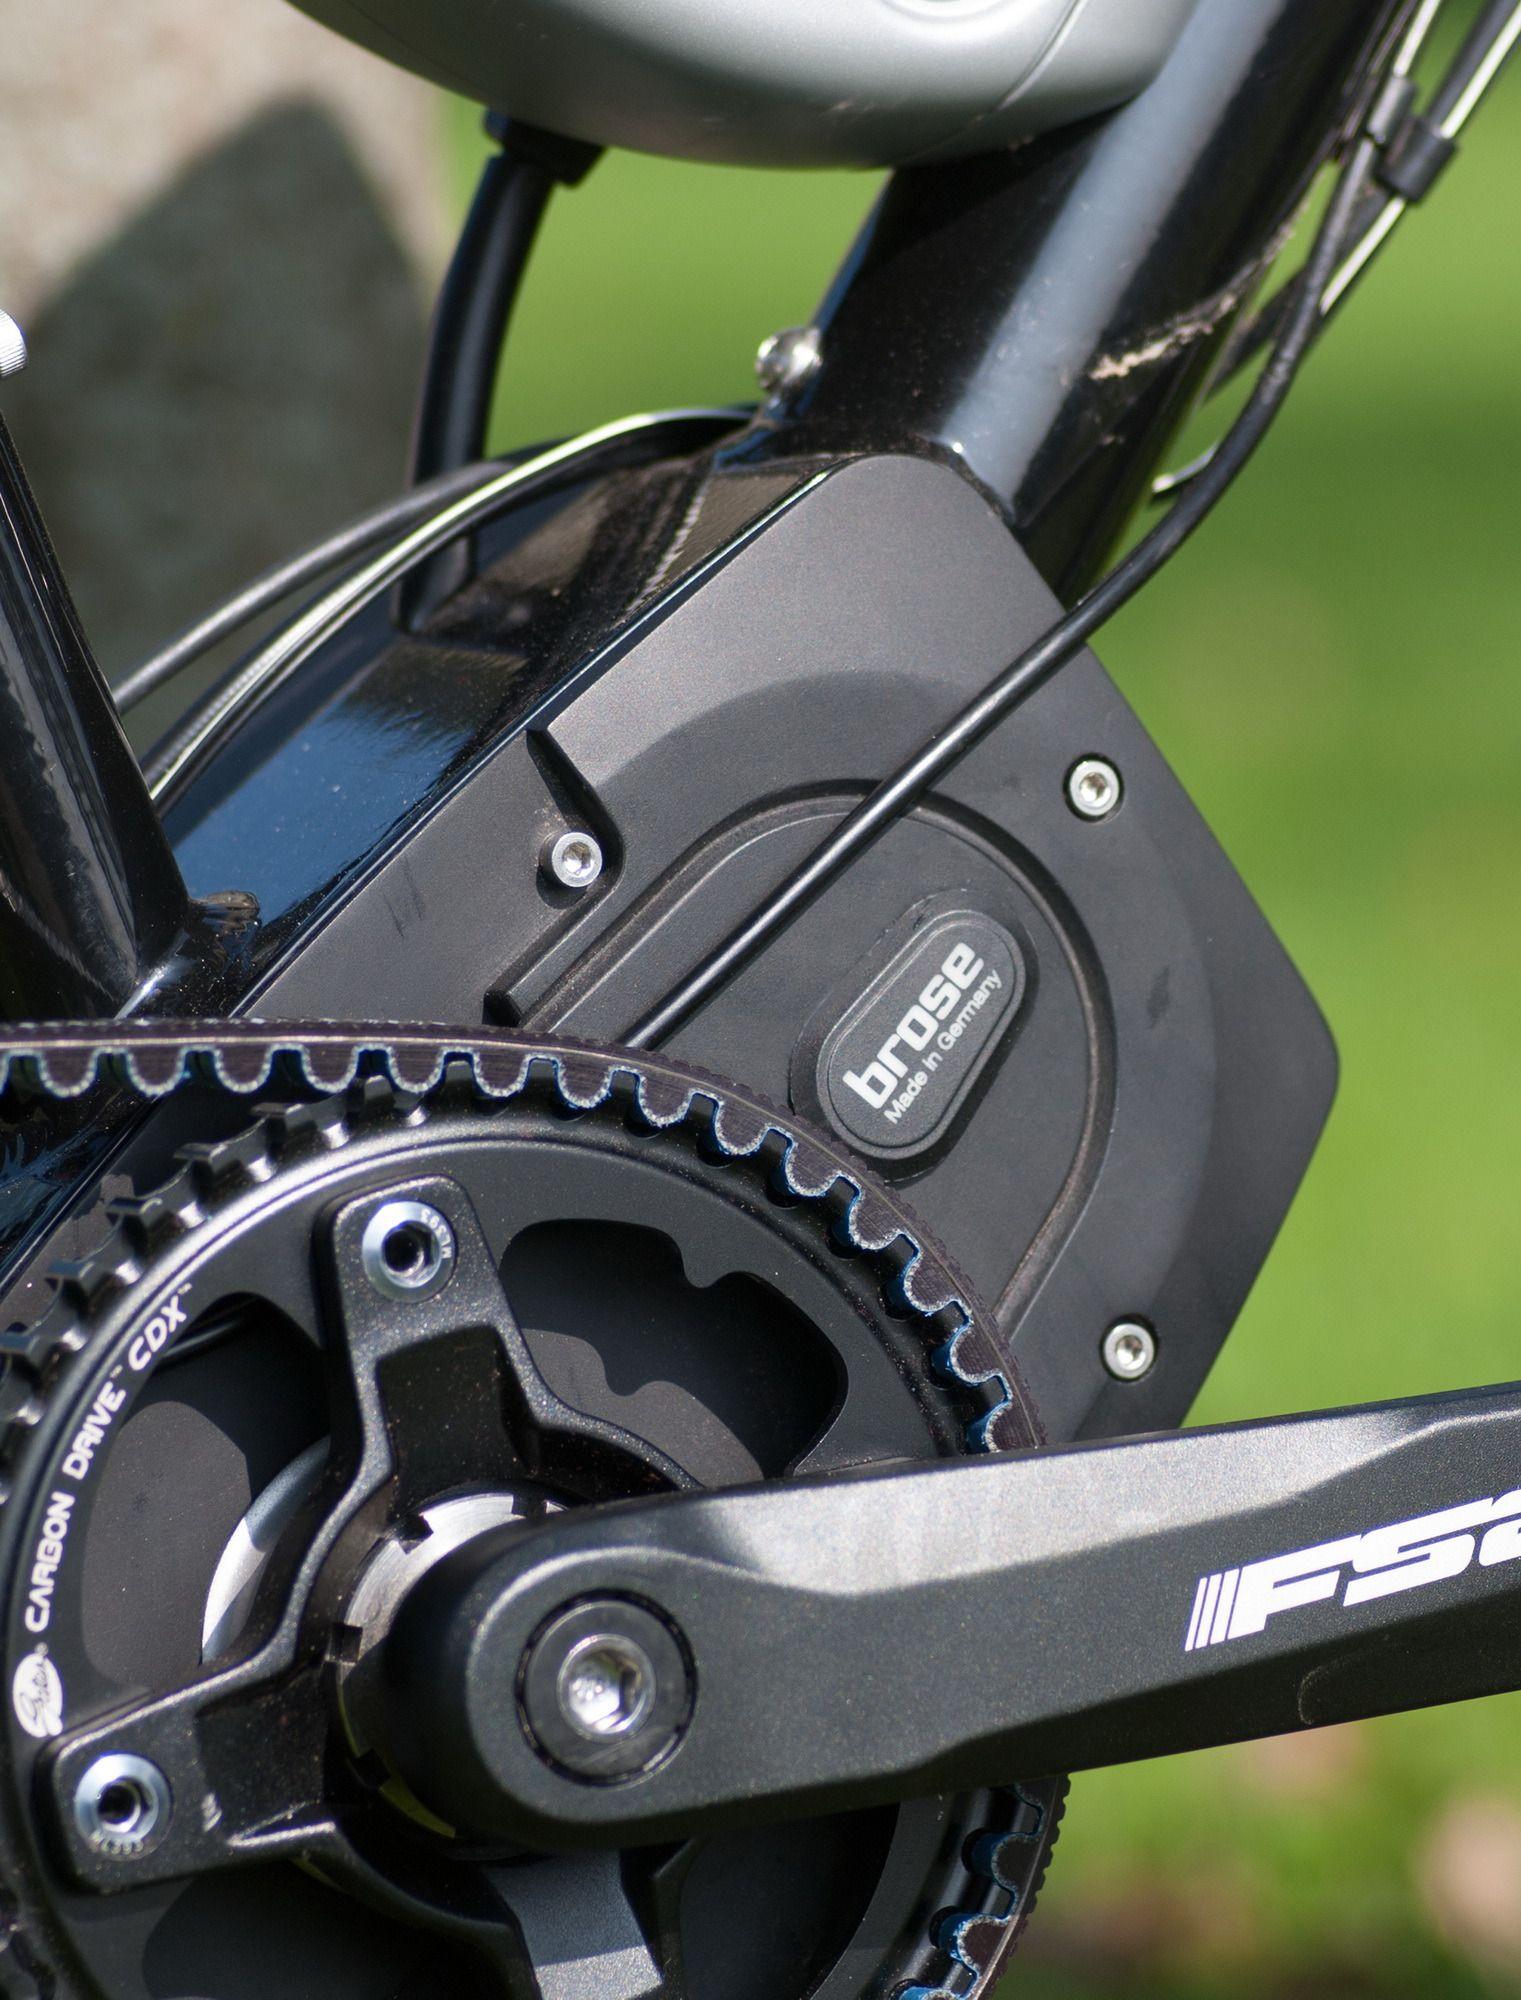 flitzbike e bike mit brose motor ebike technology. Black Bedroom Furniture Sets. Home Design Ideas